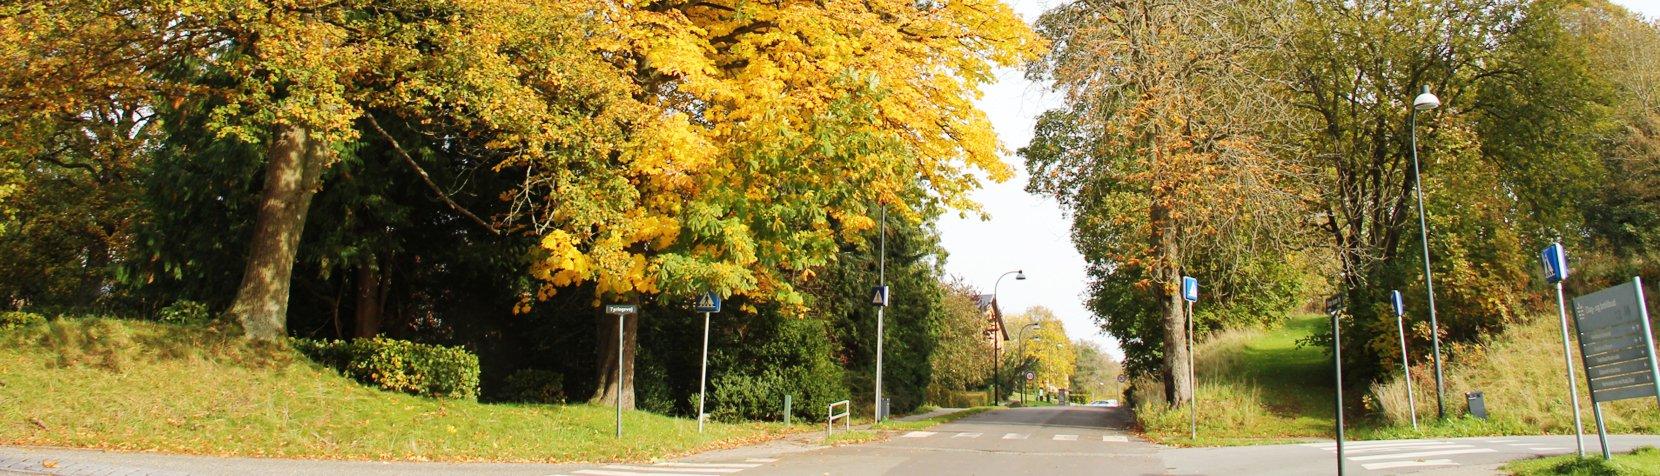 Sophie Magdelenes Vej fotograferet om efteråret